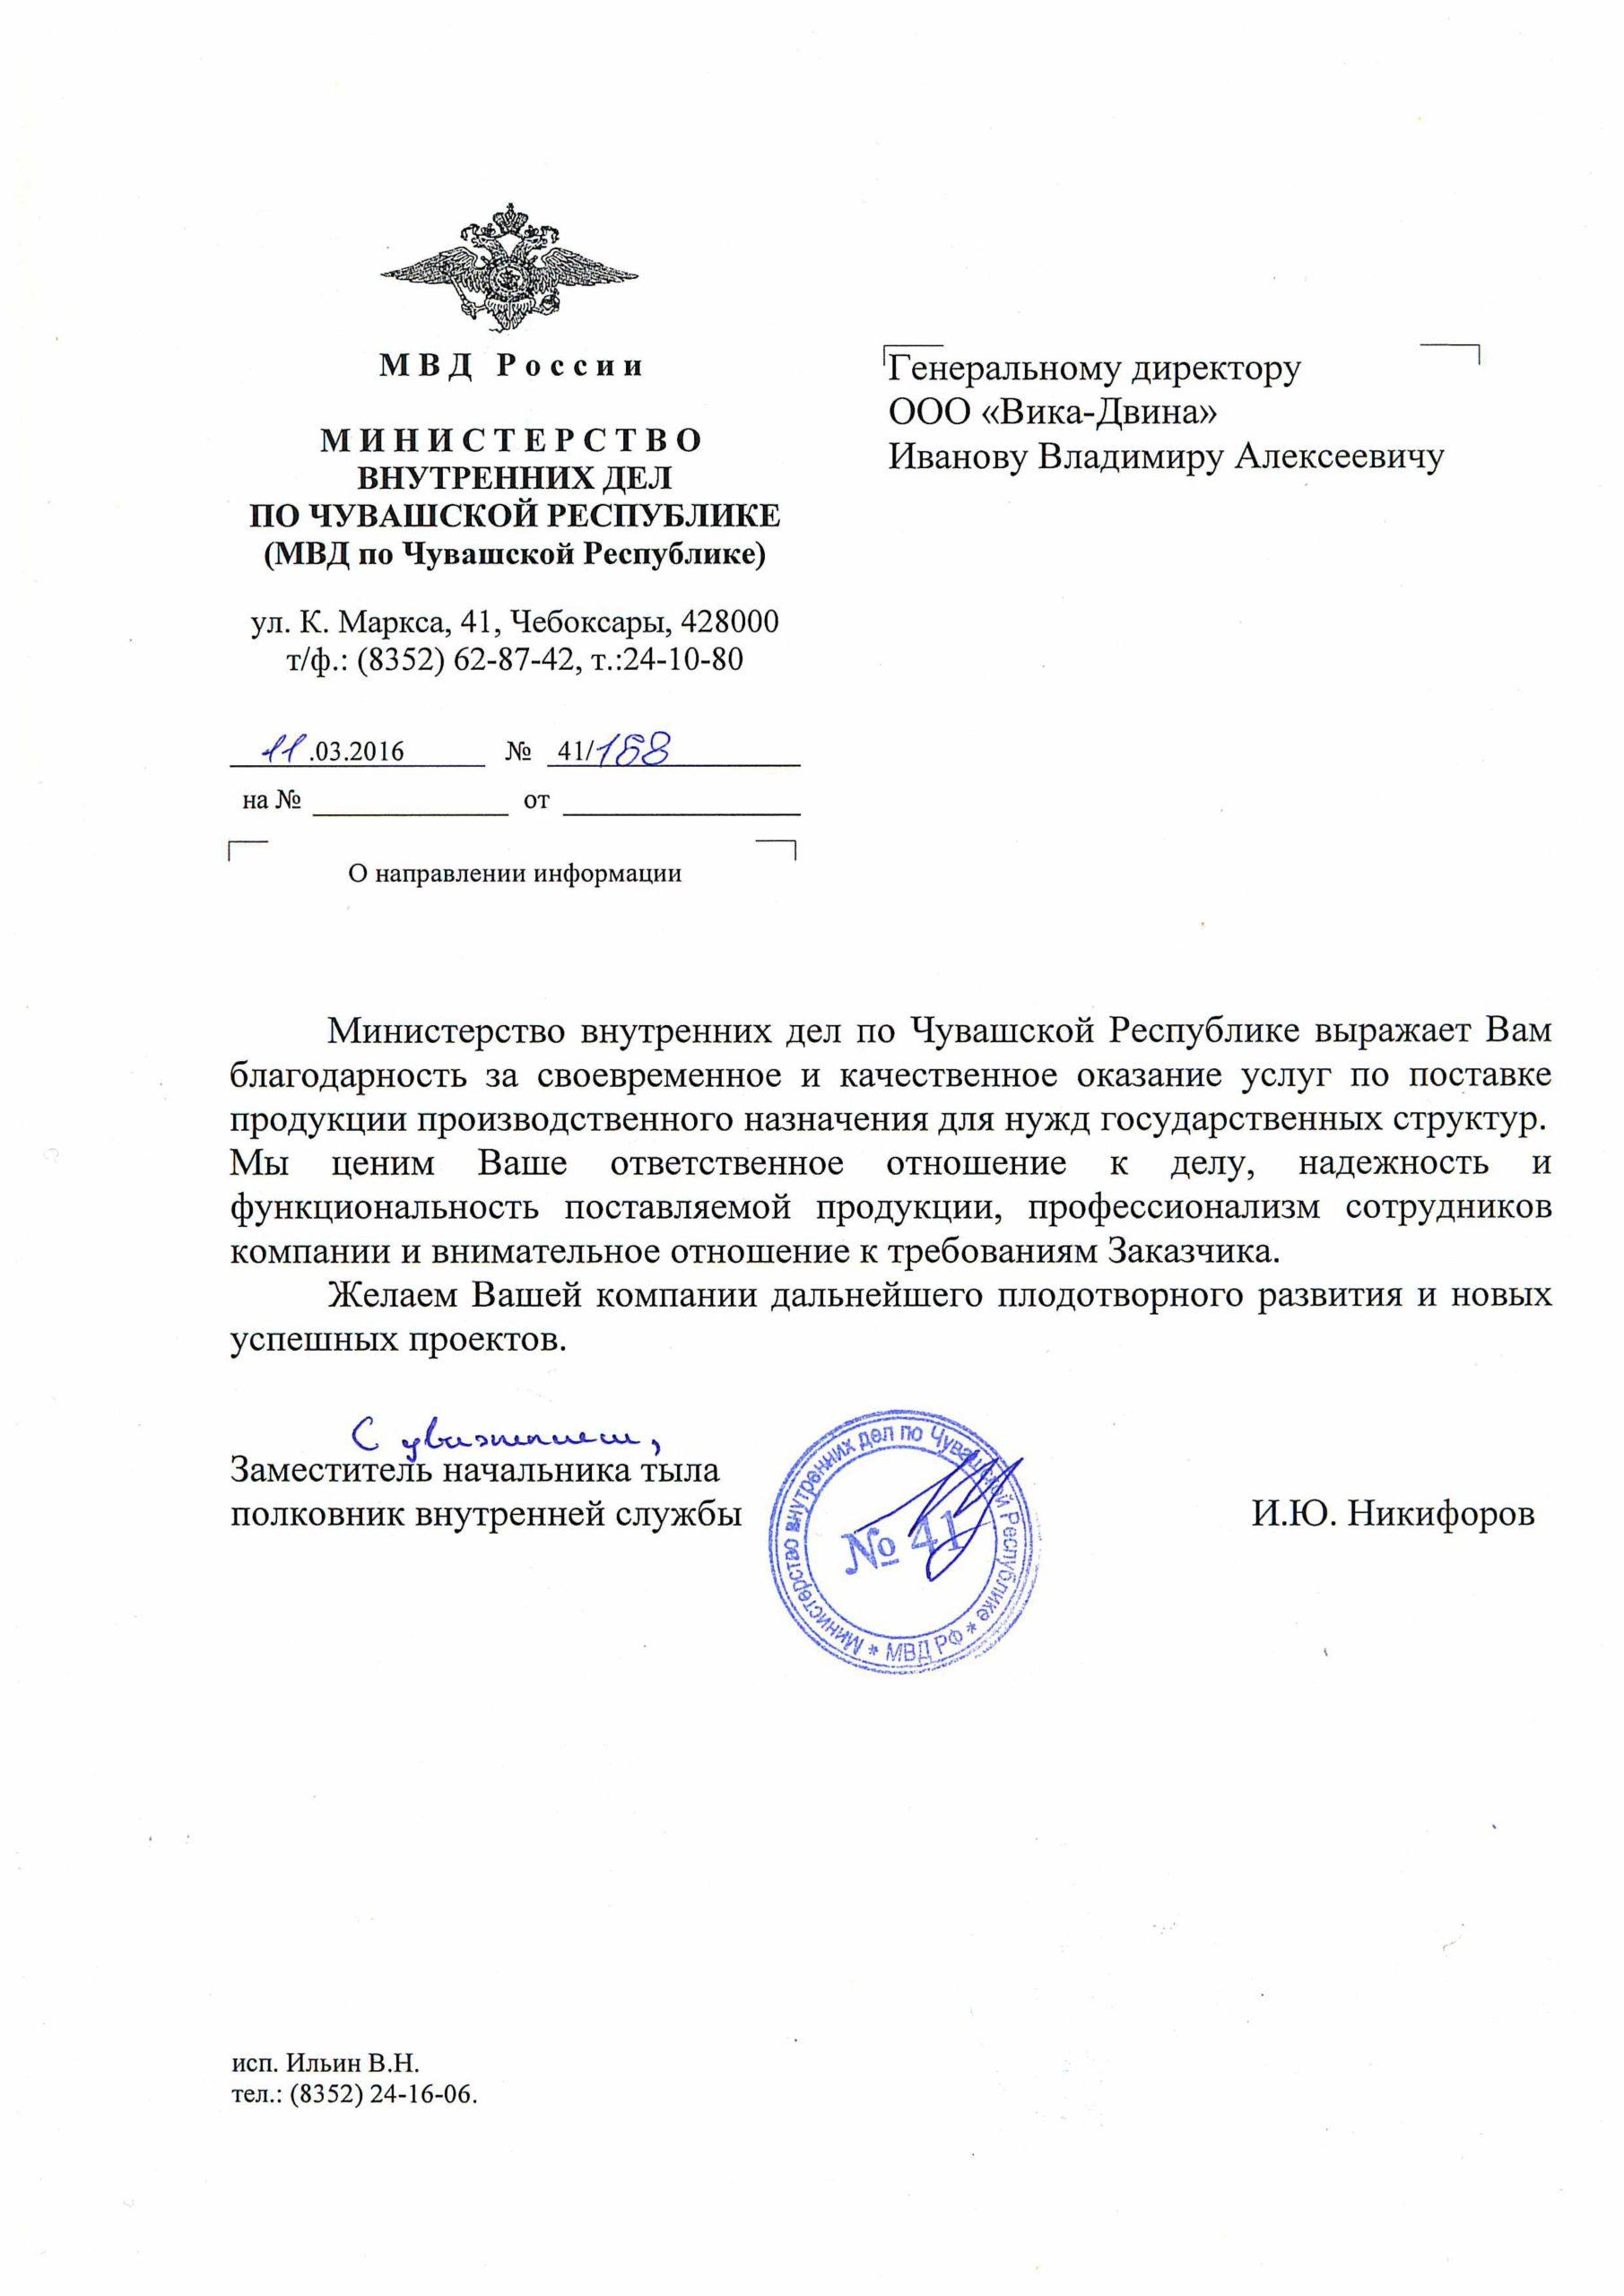 МВД по Чувашской Республике